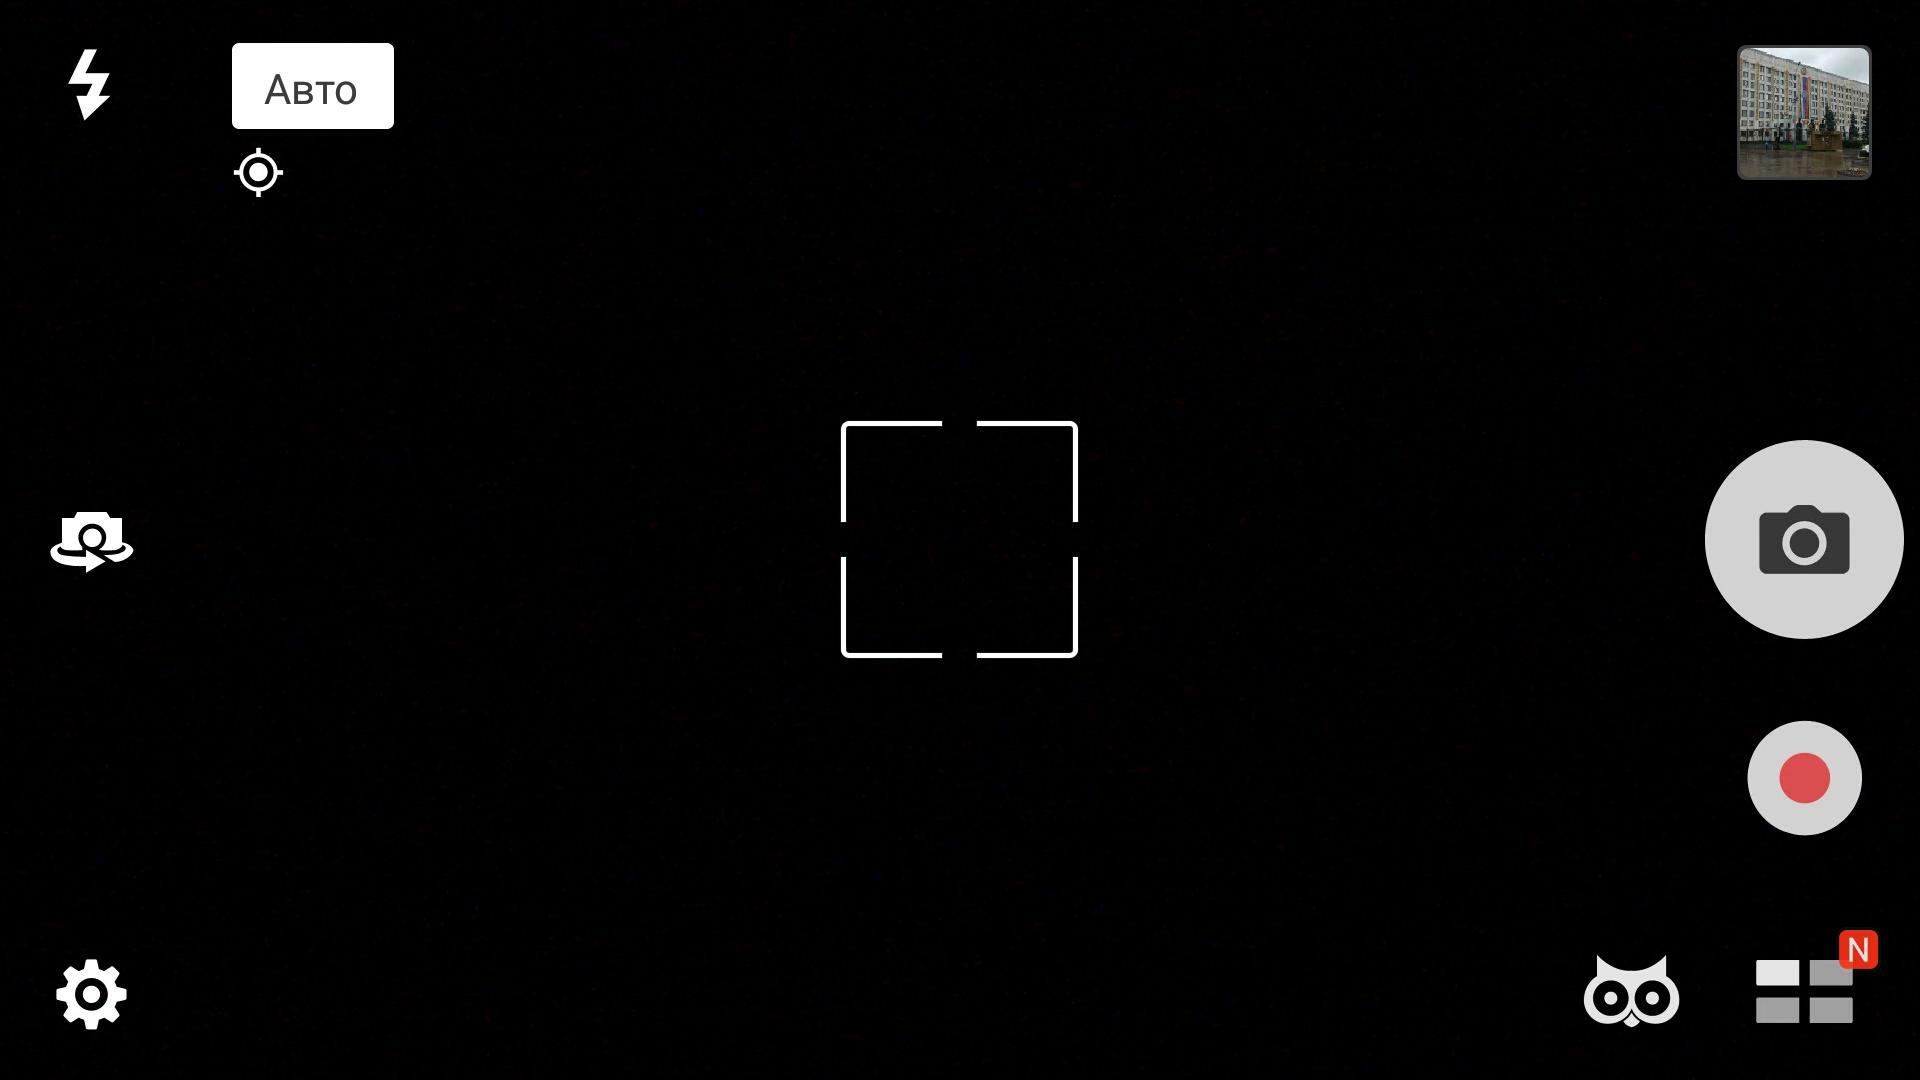 asus zenfone 2 ze551ml как включить часы на экране блокировки